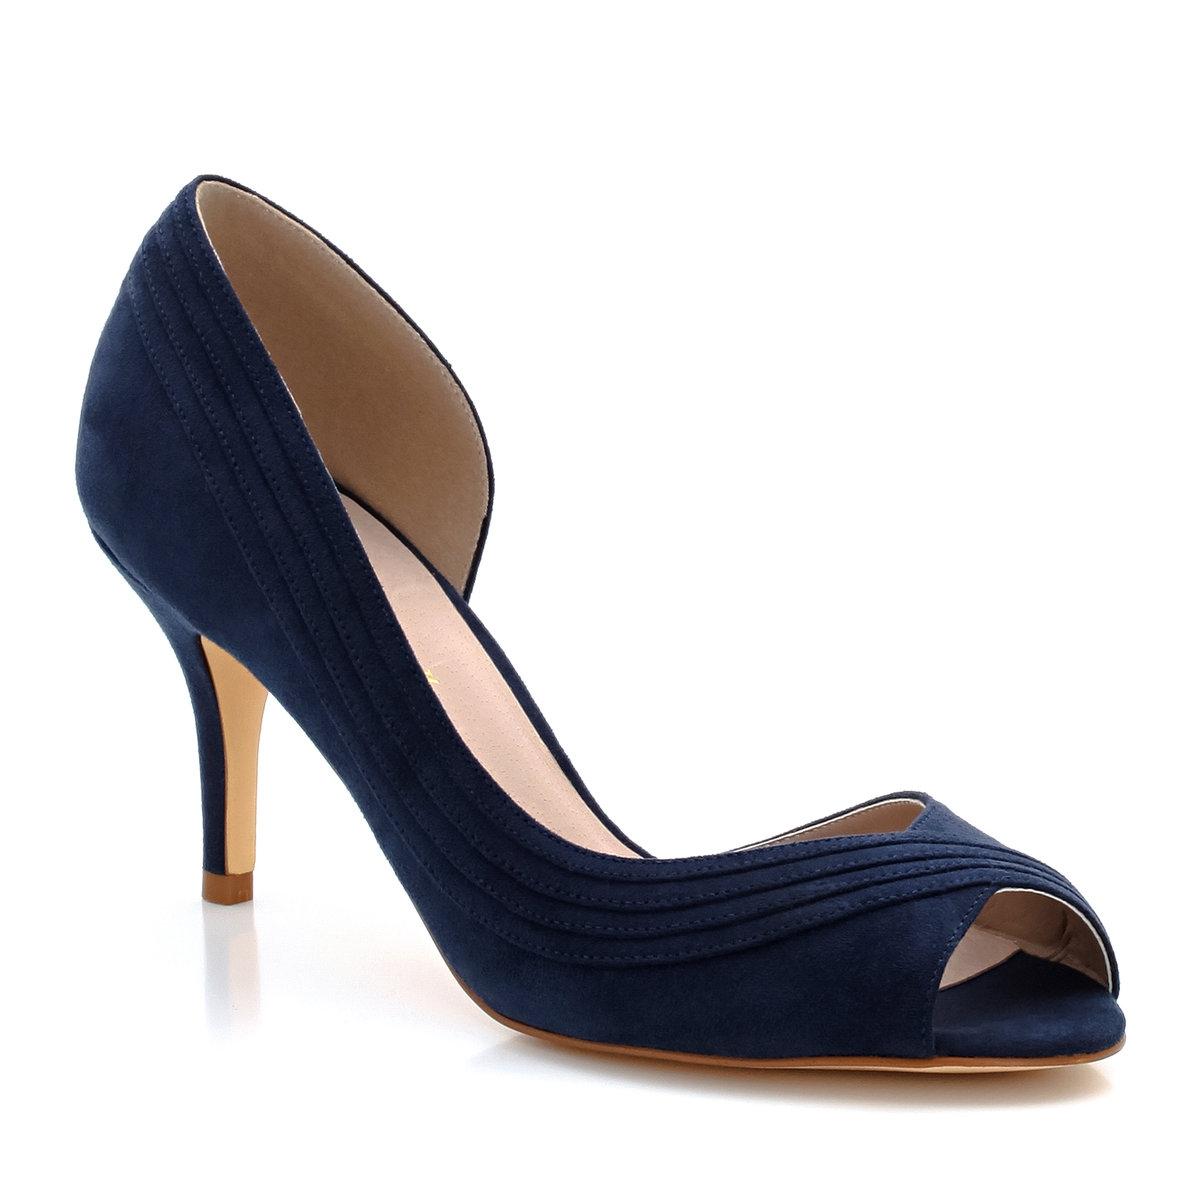 Туфли с открытым мыскомМарка : Mademoiselle R.Верх : искусственная замша.Подкладка : кожаСтелька : кожаПодошва : из эластомераВысота каблука : 7 см<br><br>Цвет: телесный,темно-синий,черный<br>Размер: 38.39